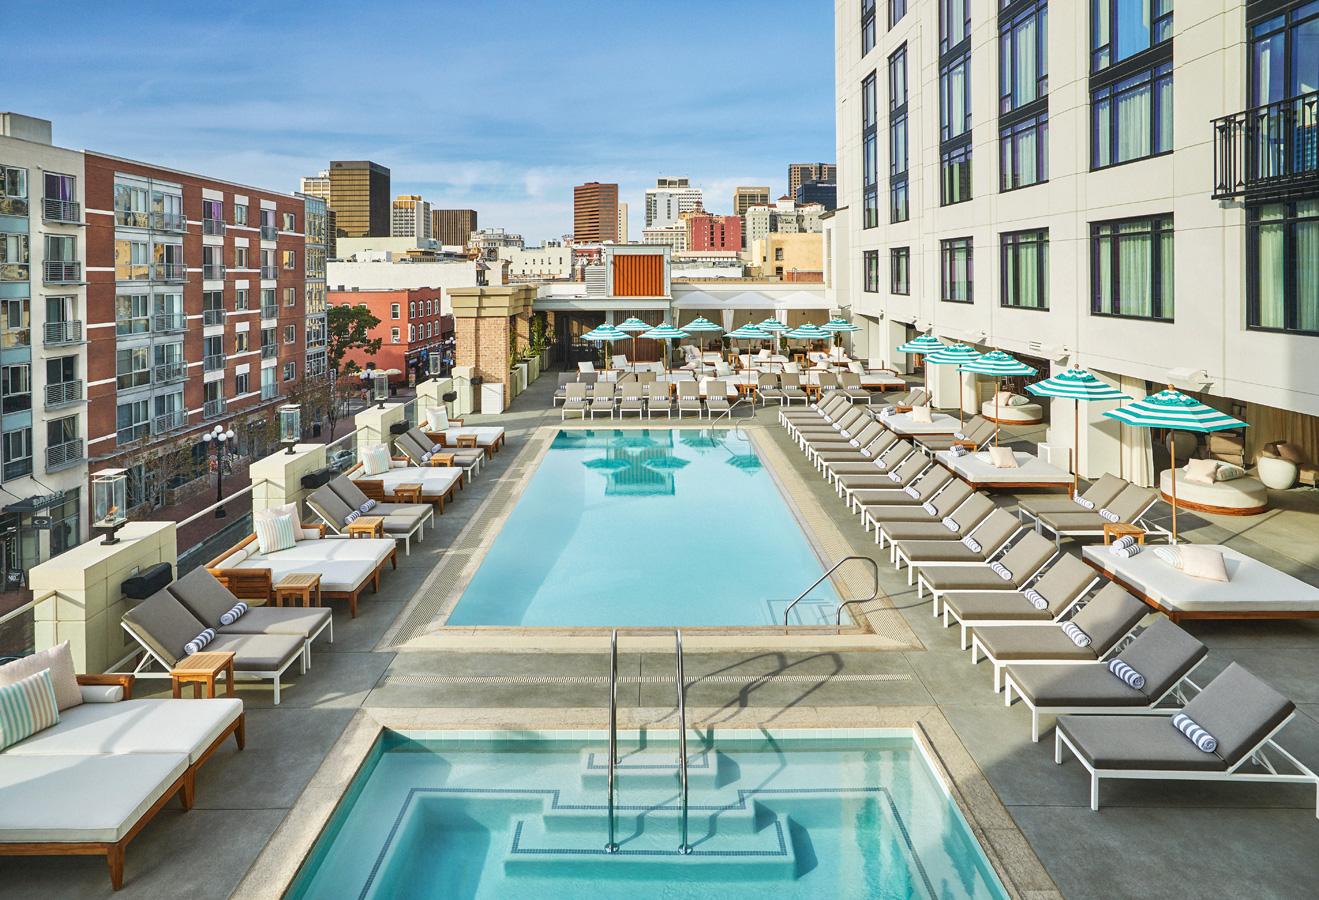 Pool House San Diego - Best Views in San Diego